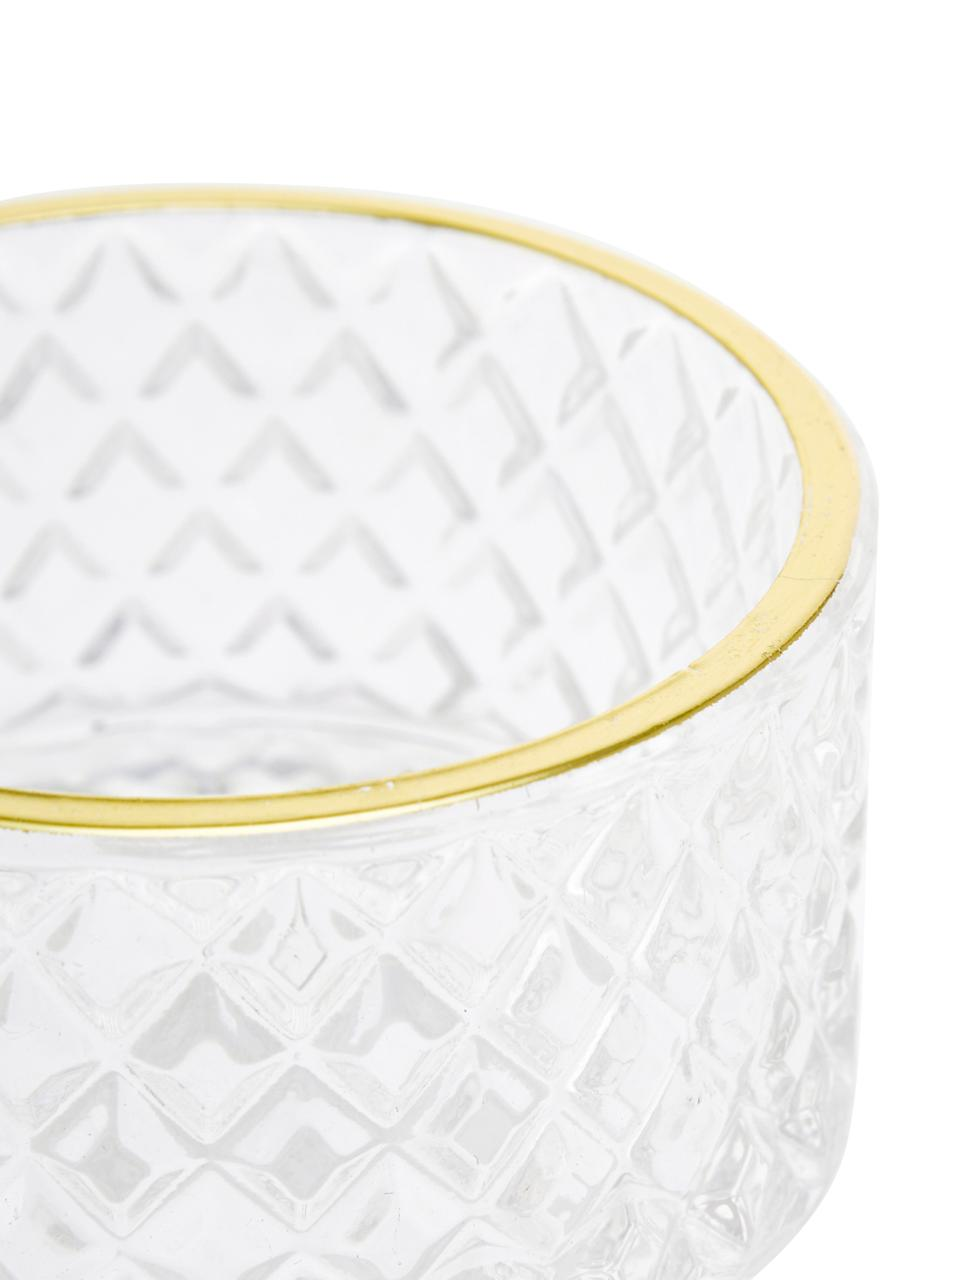 Aufbewahrungsdose Freser, Rand: Metall, beschichtet, Goldfarben, Transparent, Ø 9 x H 10 cm